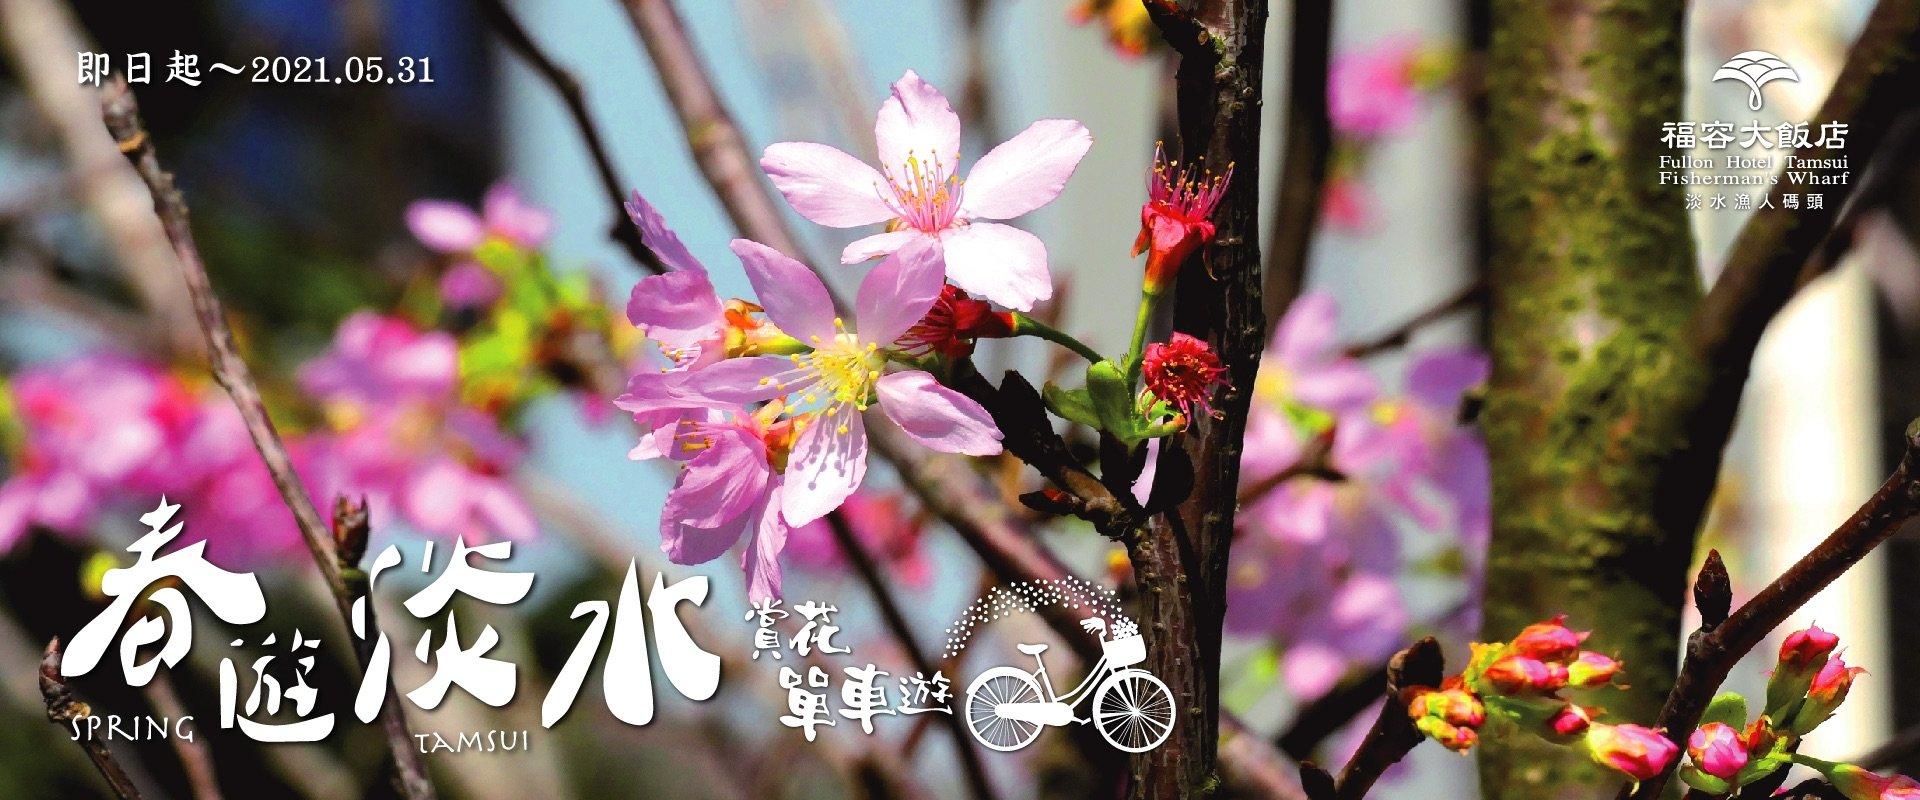 春遊淡水新花漾